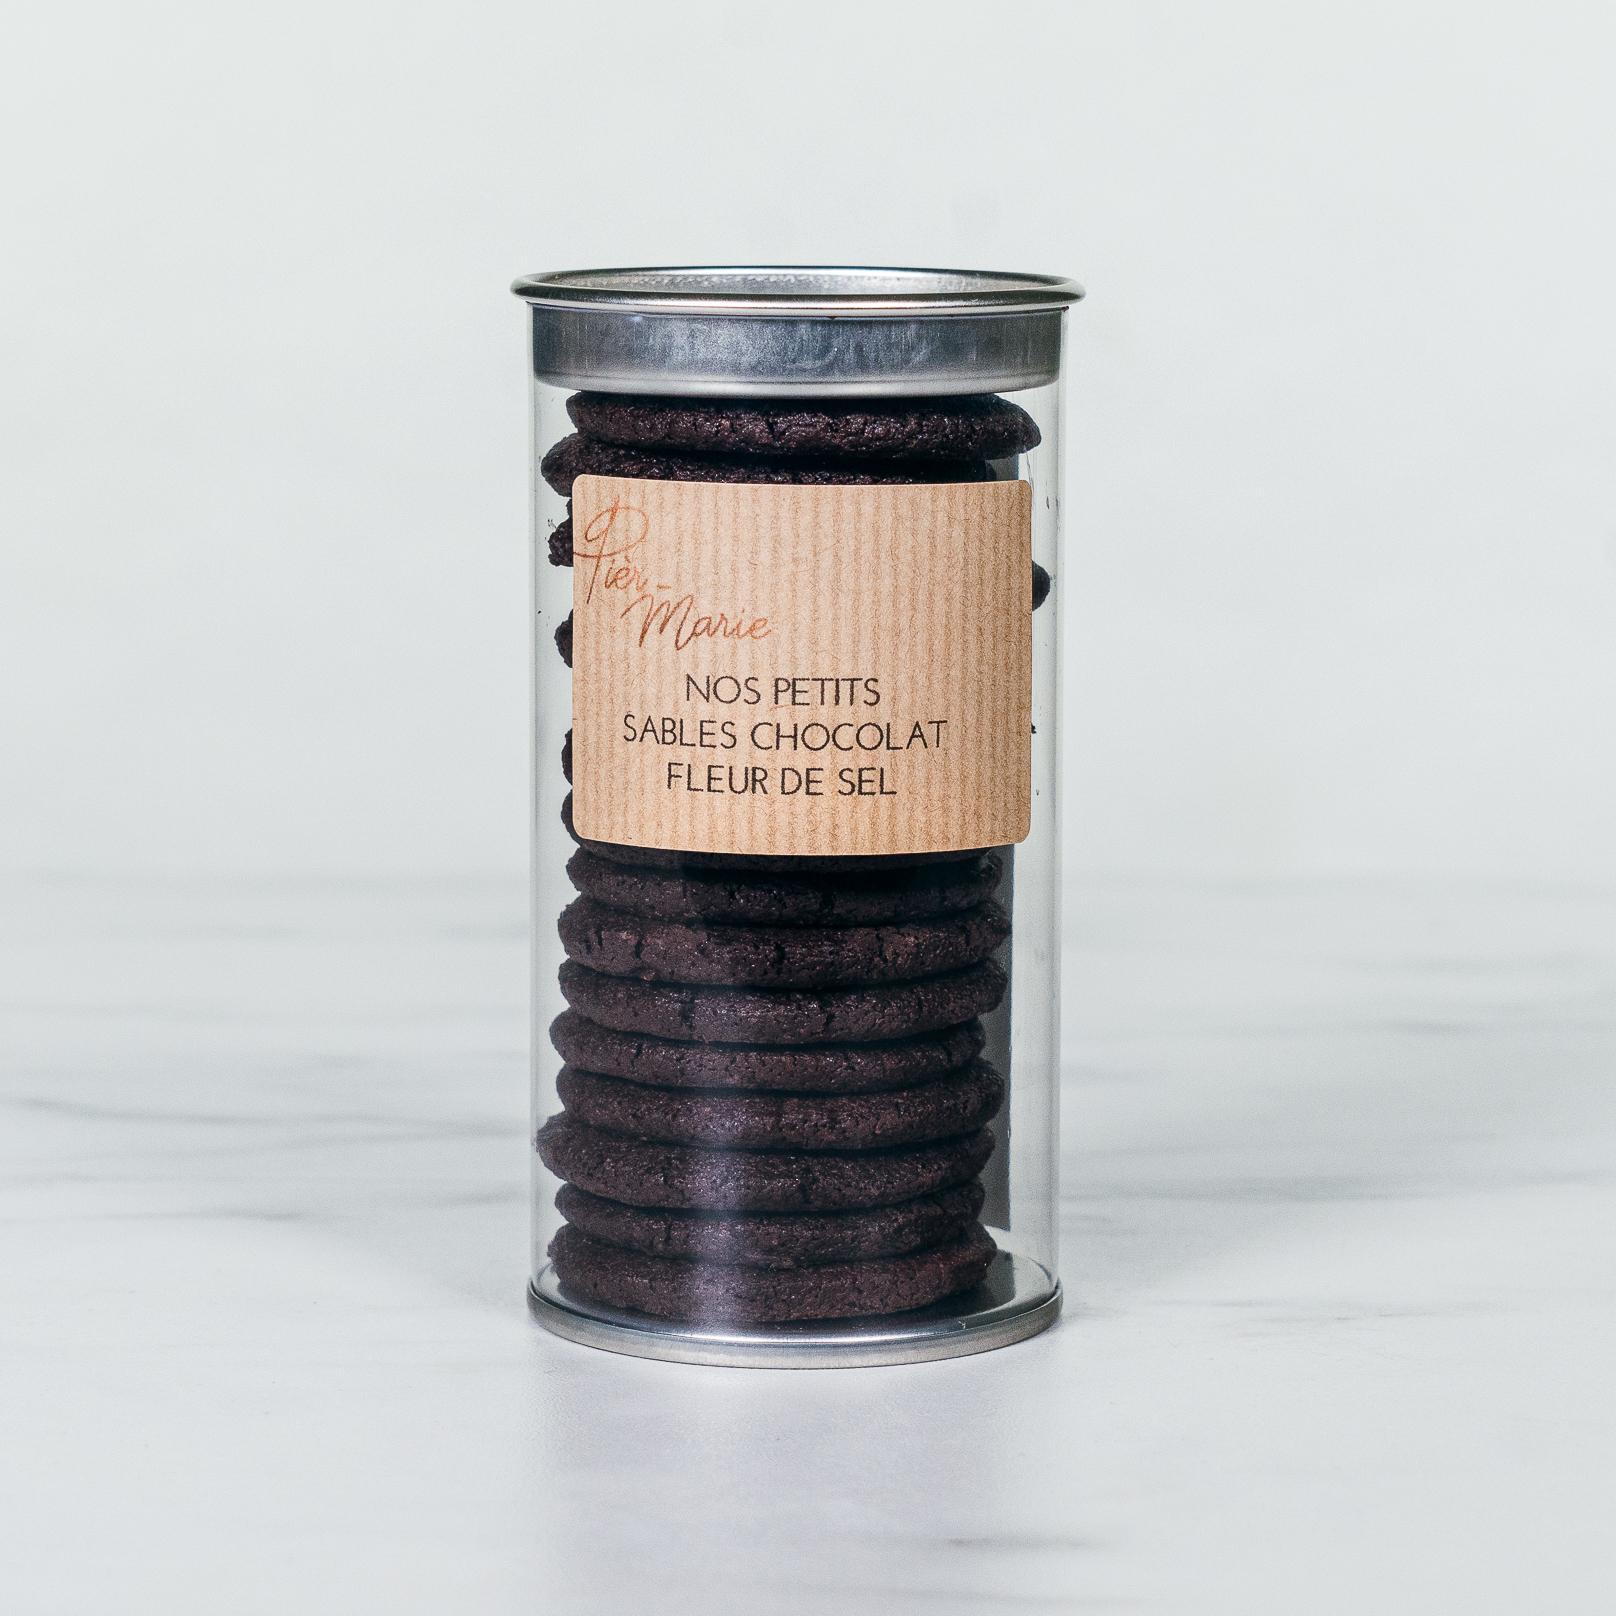 Sablé Chocolat fleur de sel